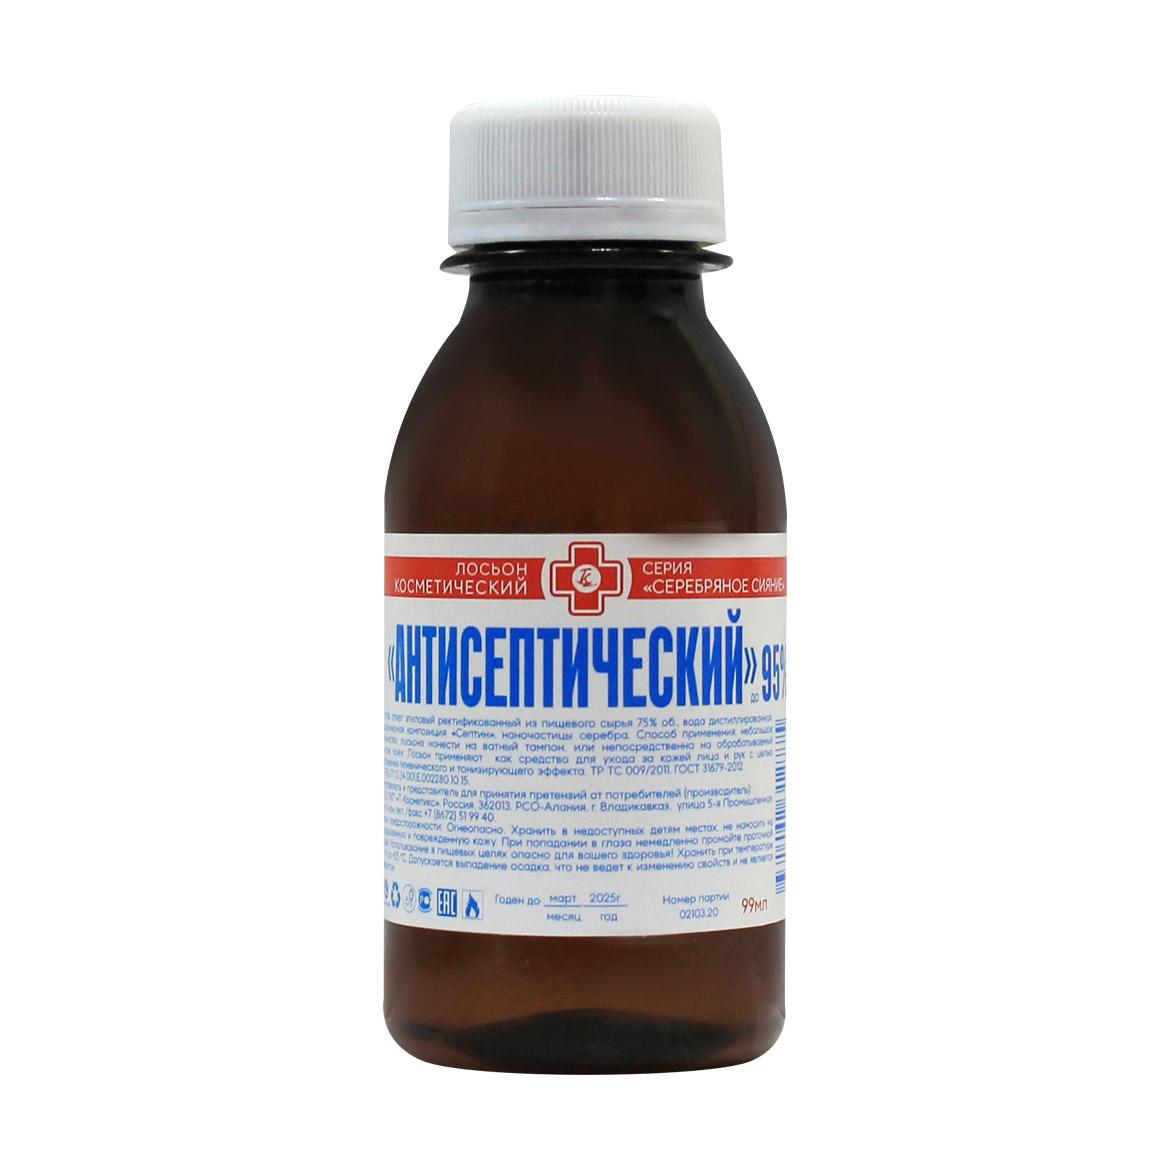 Антисептик-лосьон Серебряное сияние косметический спиртовой 100 мл фото